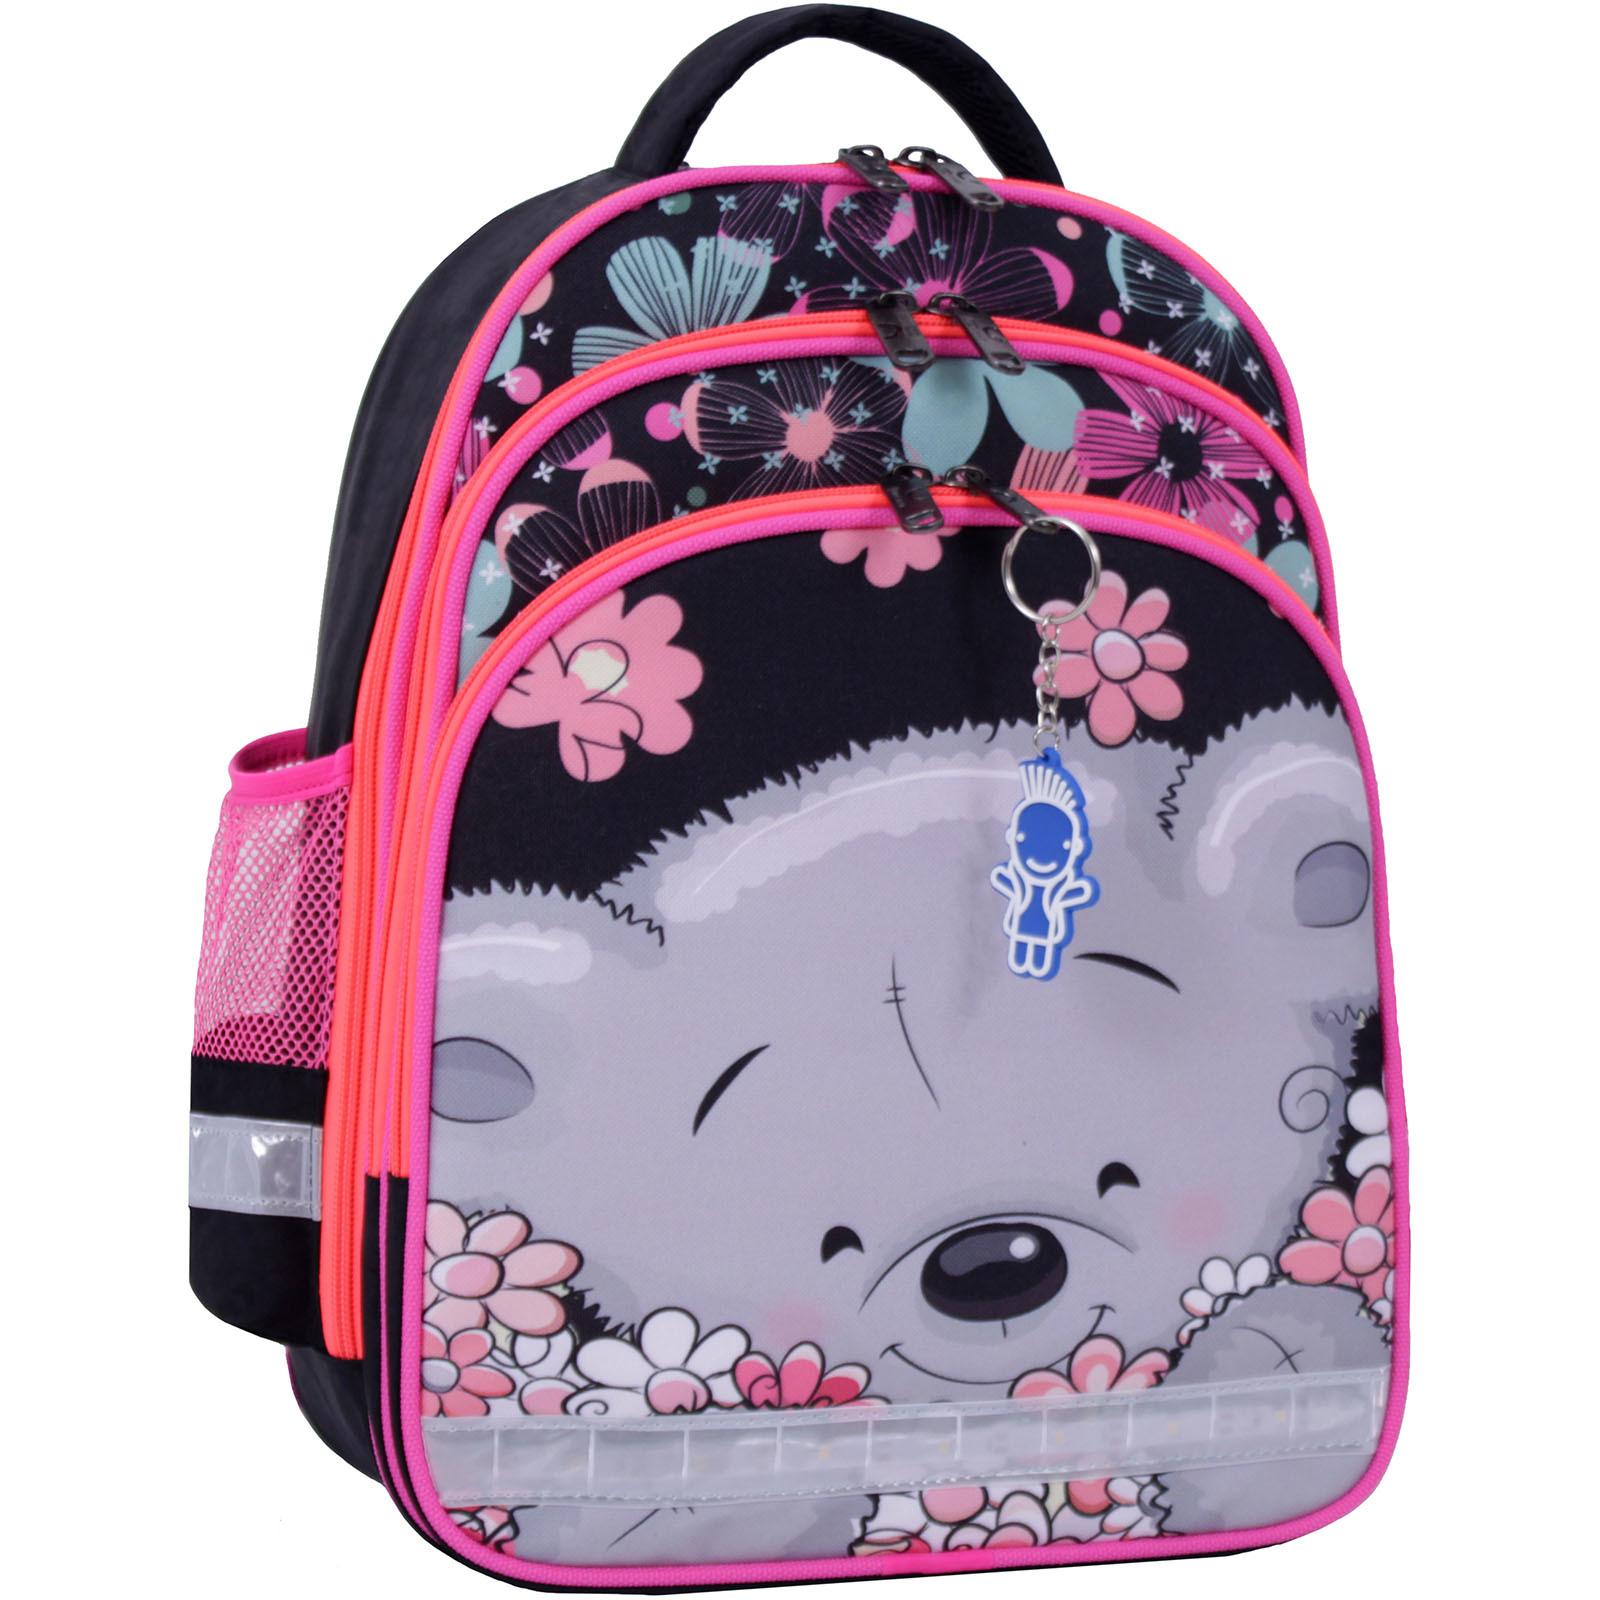 Рюкзак школьный Bagland Mouse черный 406 (0051370) фото 6